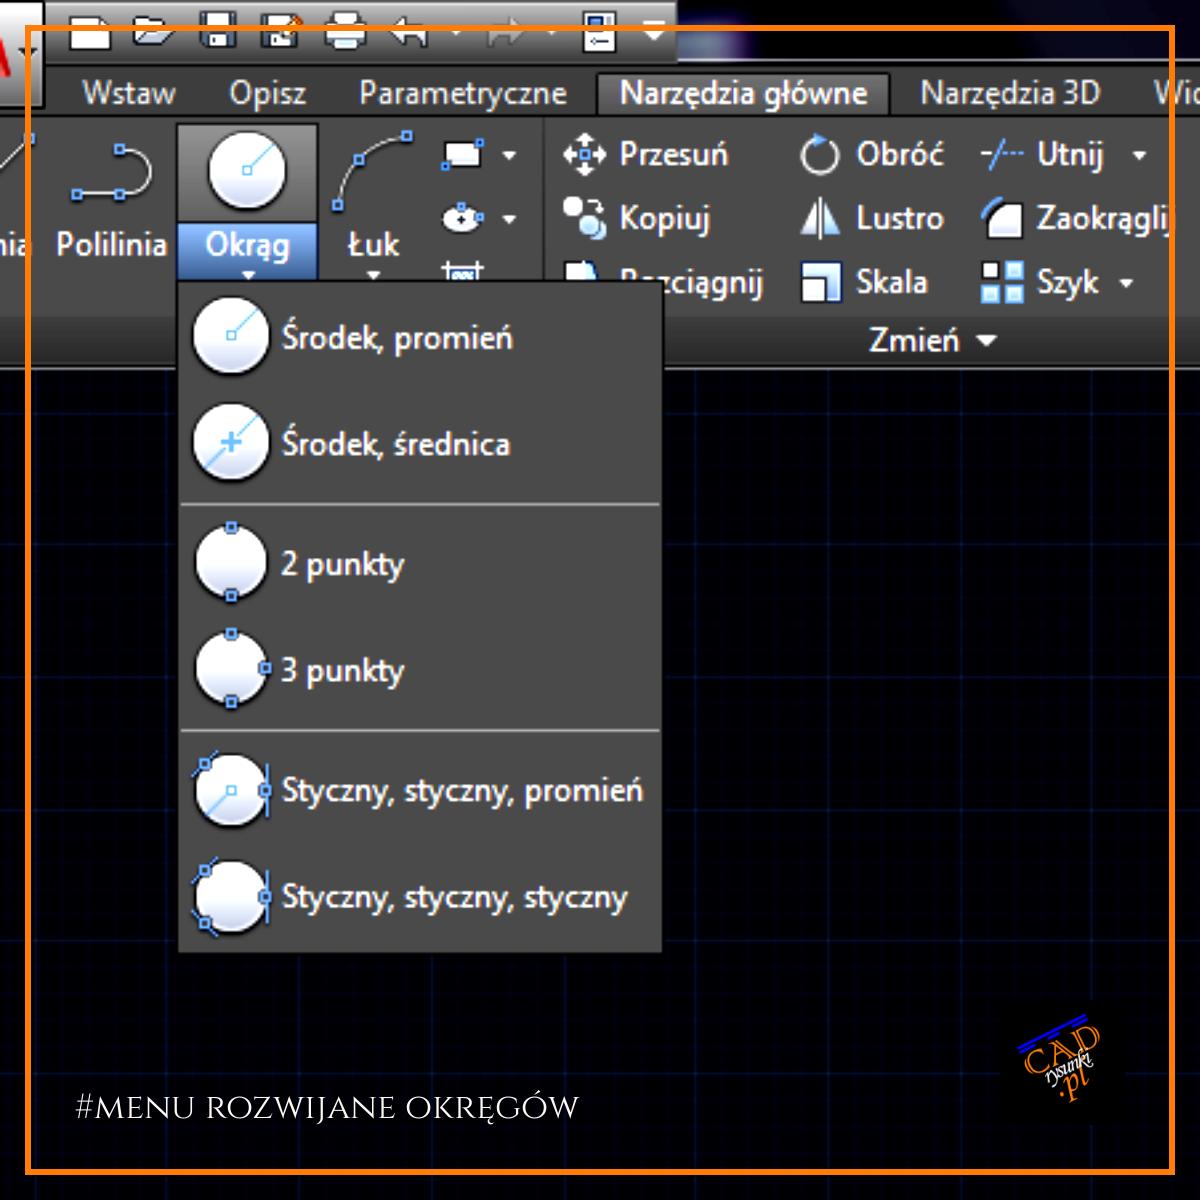 Wyszczególnienie opcjii jakie znajdują się w menu rozwijane narzędzia okrąg.